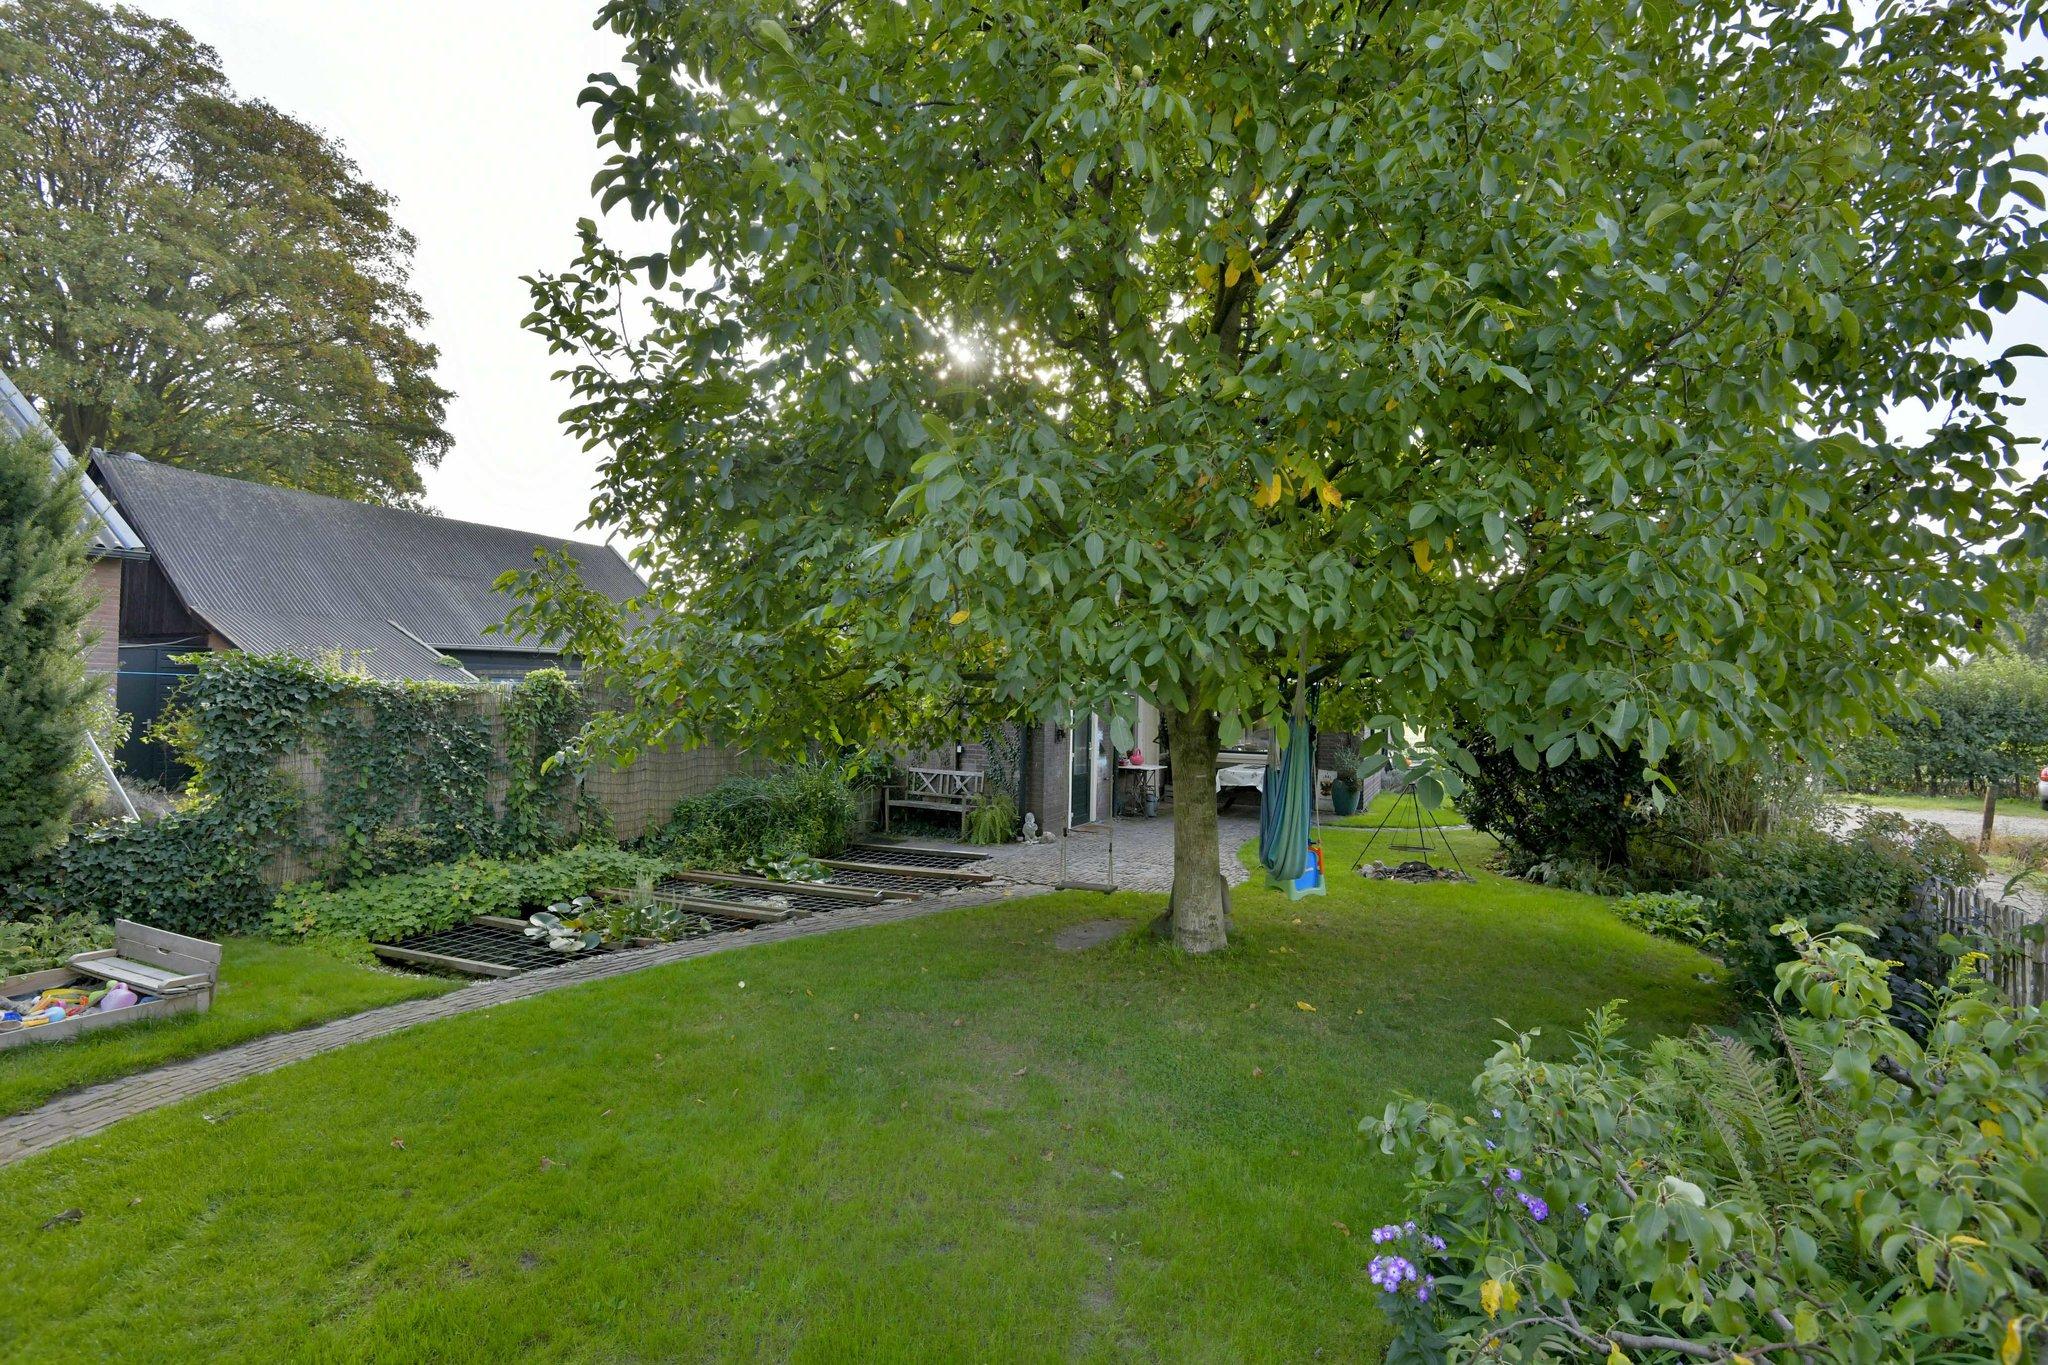 gorssel-gorsselse-enkweg-4154865-foto-44.jpg